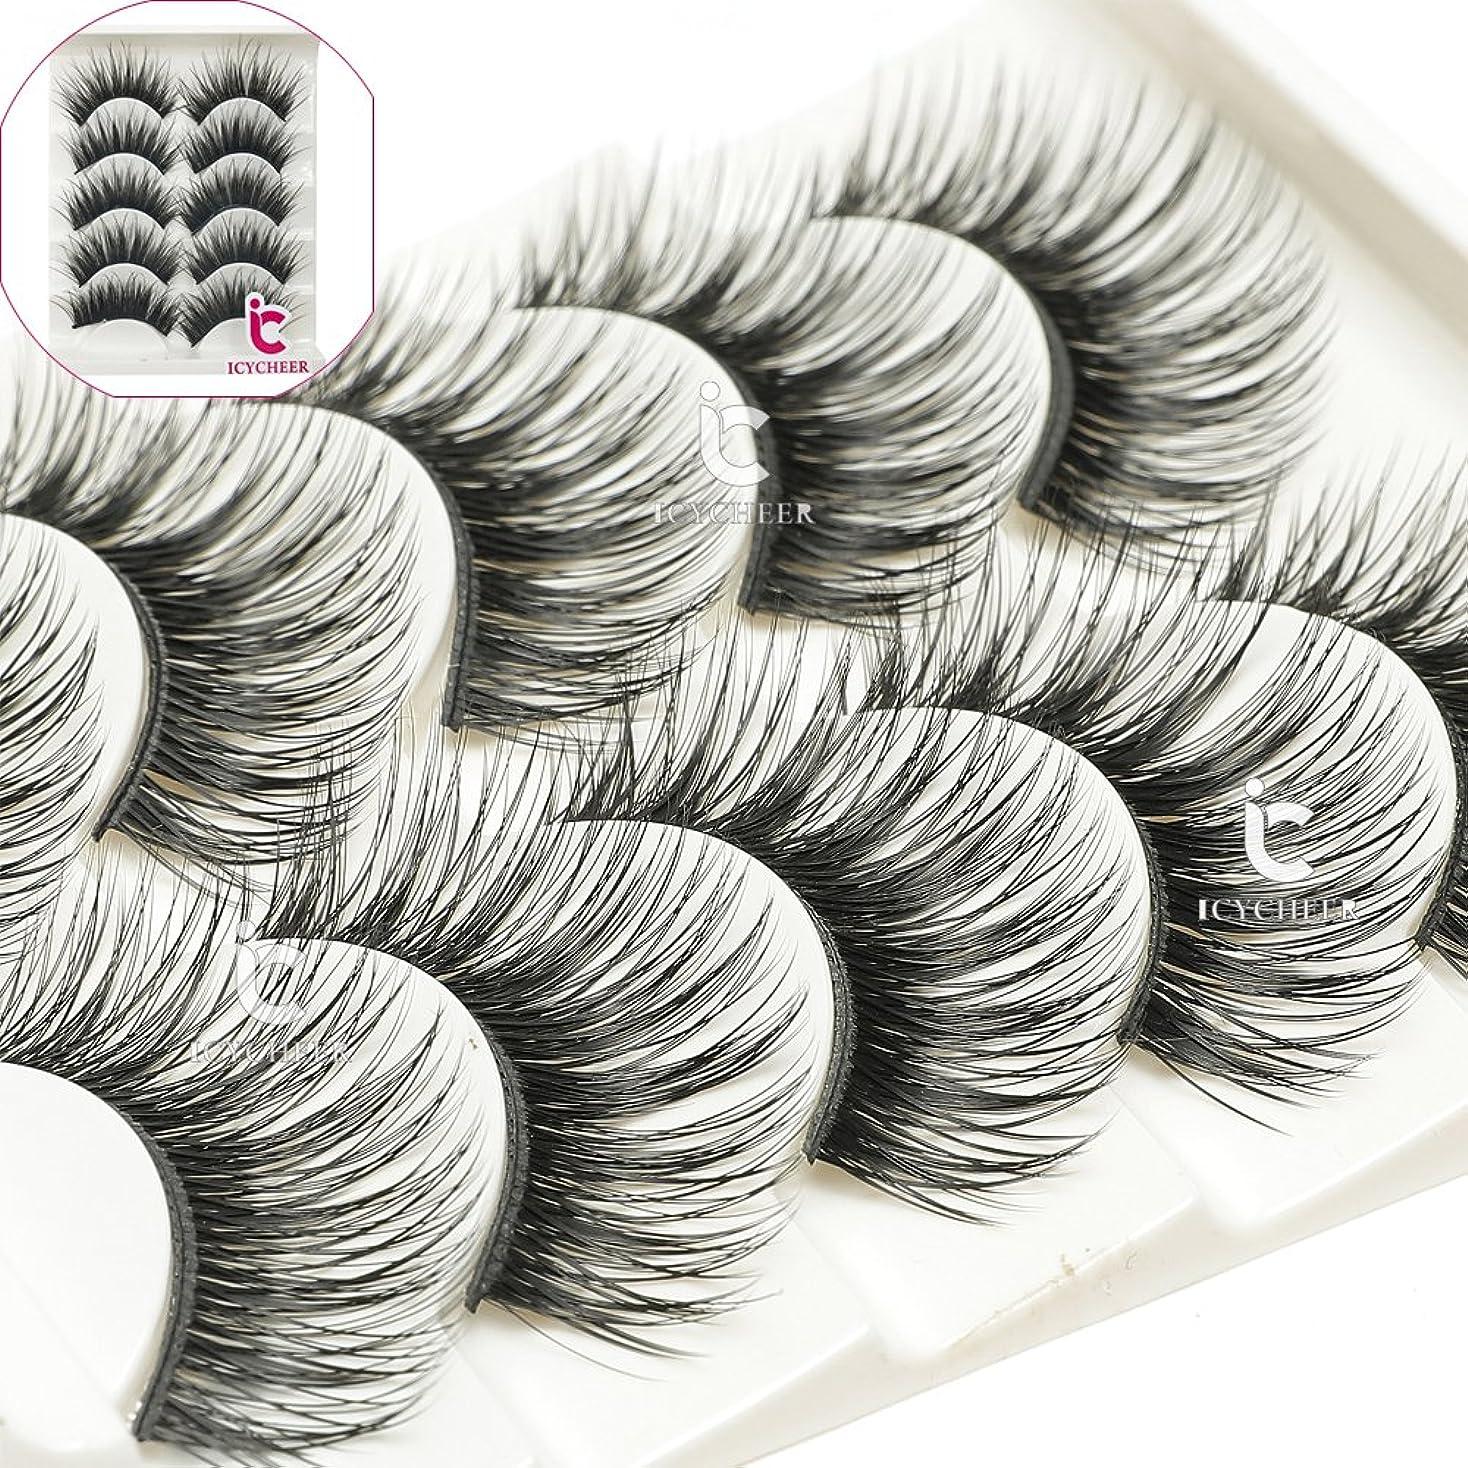 ICYCHEER ホット5 pairs美容厚いまつげメイク偽長い黒手作りアイまつげ